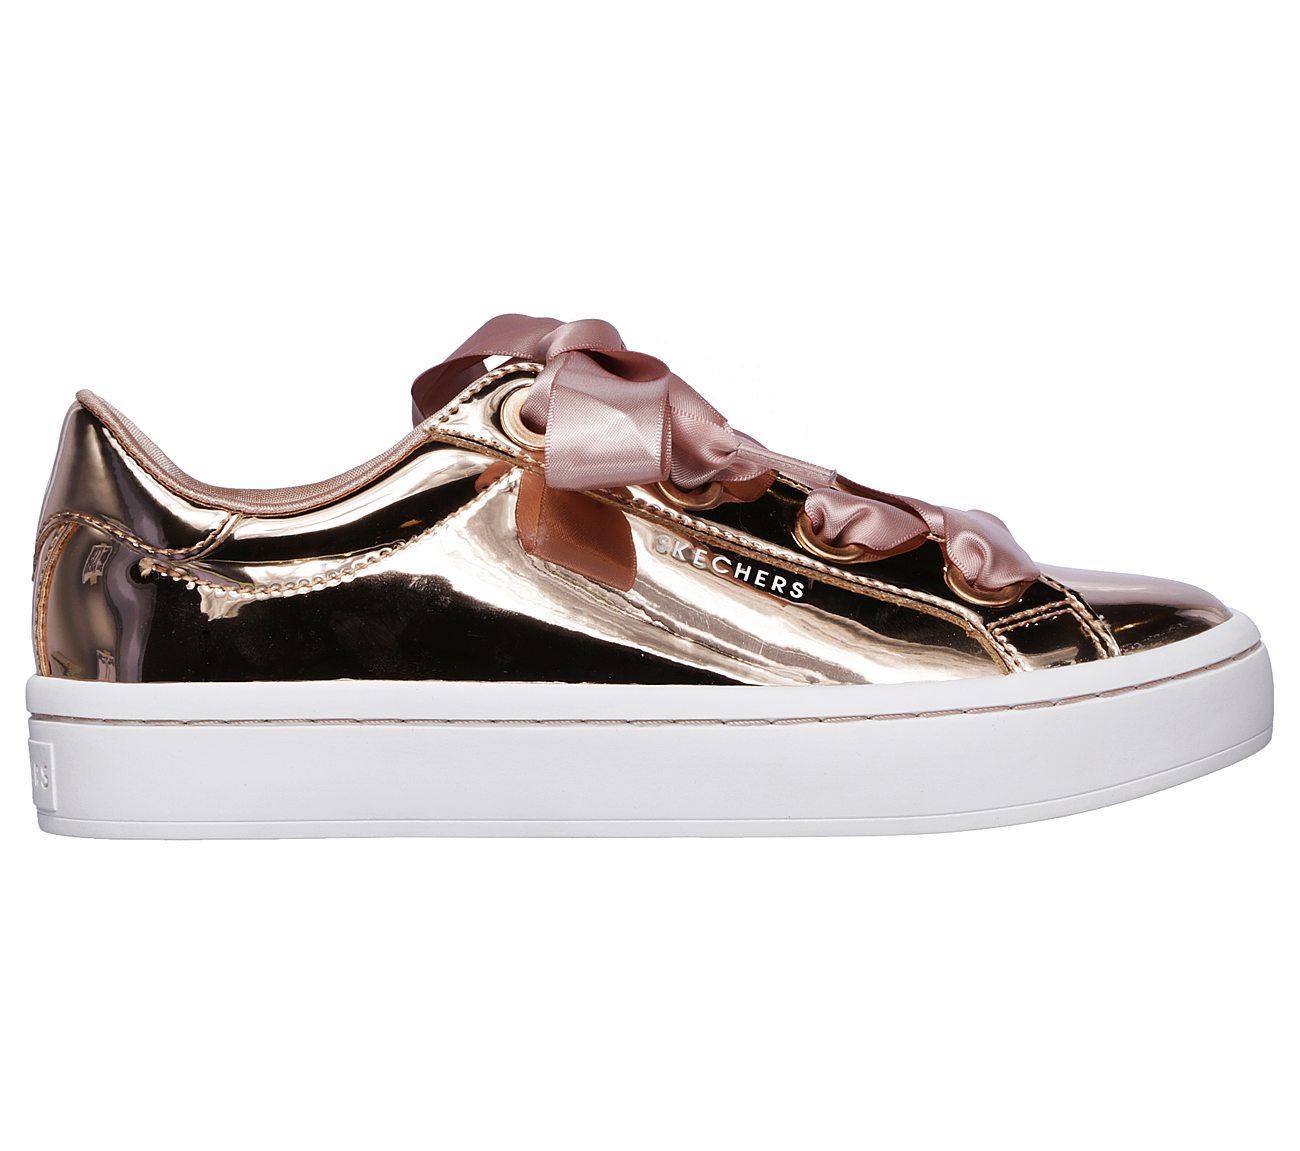 ed40c7e17679 Buy SKECHERS Hi-Lites - Liquid Bling SKECHER Street Shoes only  45.50